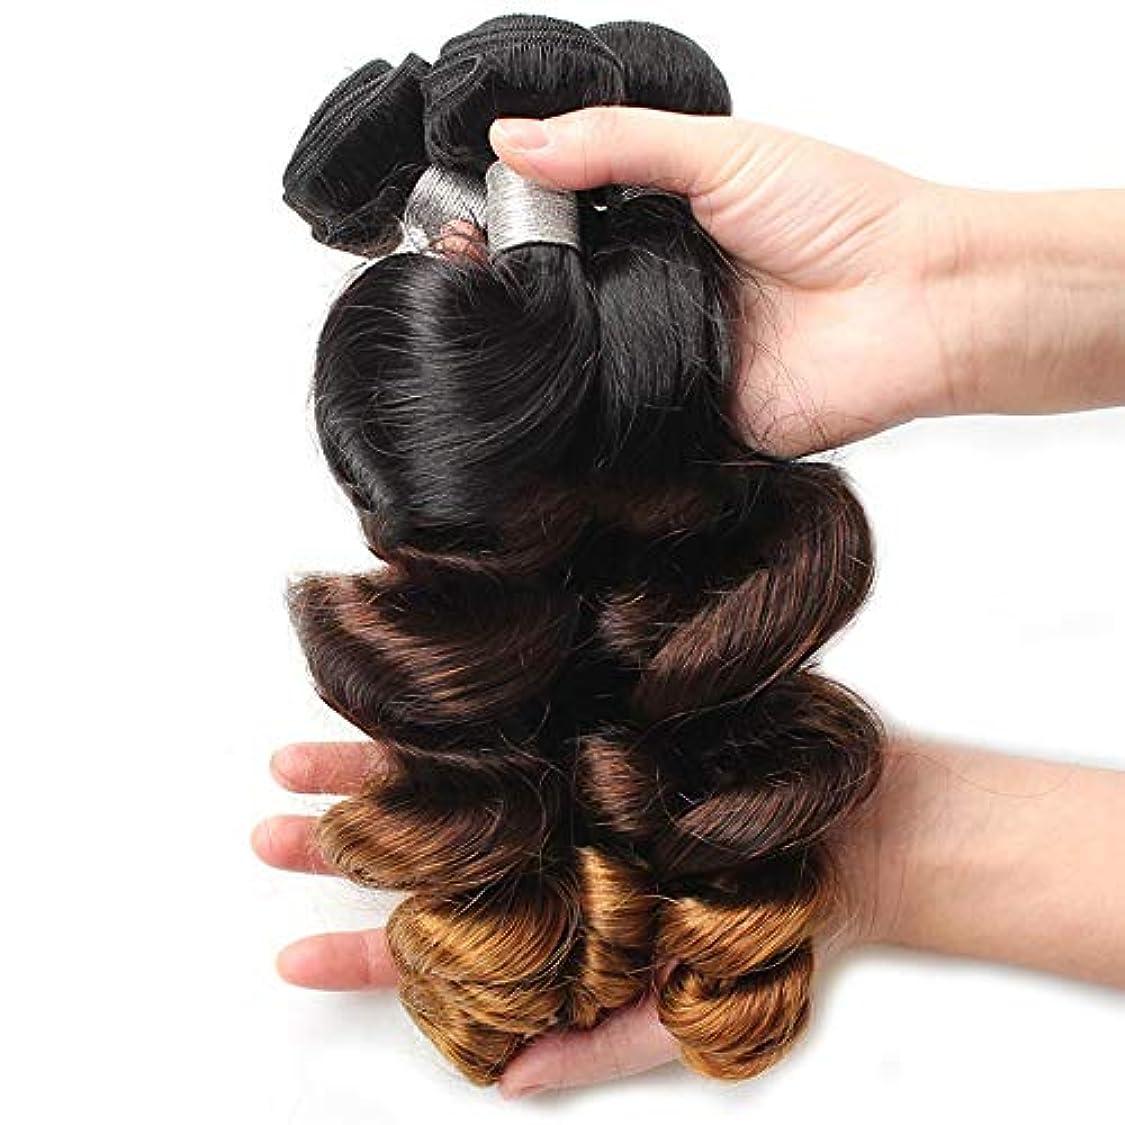 抜粋とティーム安全なHOHYLLYA ブラジルの緩い巻き髪織り人間の髪の束 - ライトブラウン3トーンカラーヘアエクステンションへの黒とダークブラウン(12